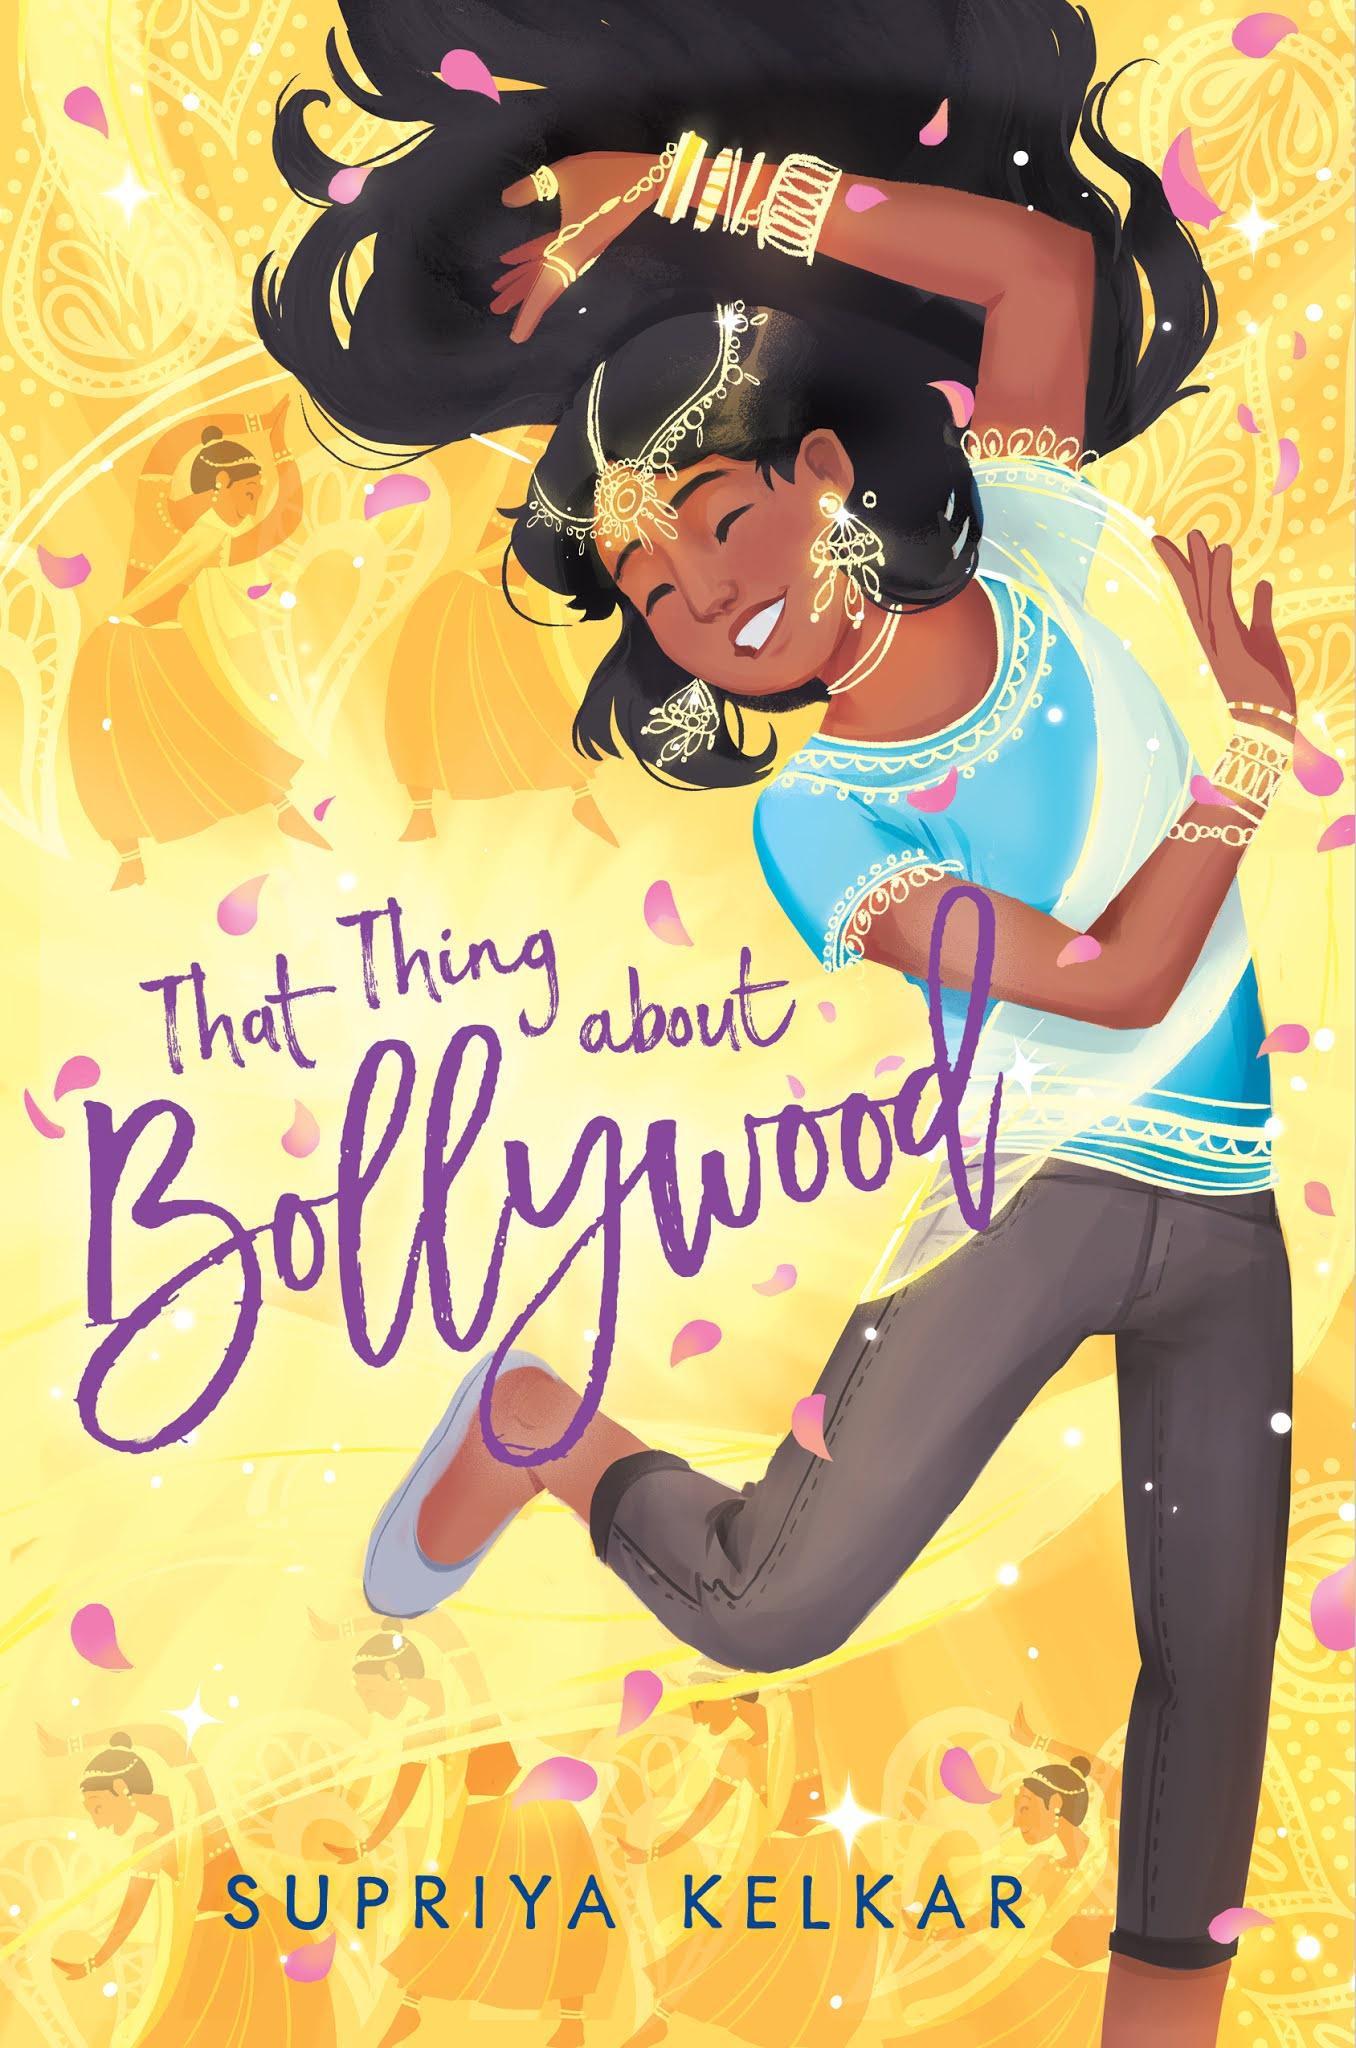 That Thing About Bollywood by Supriya Kelkar